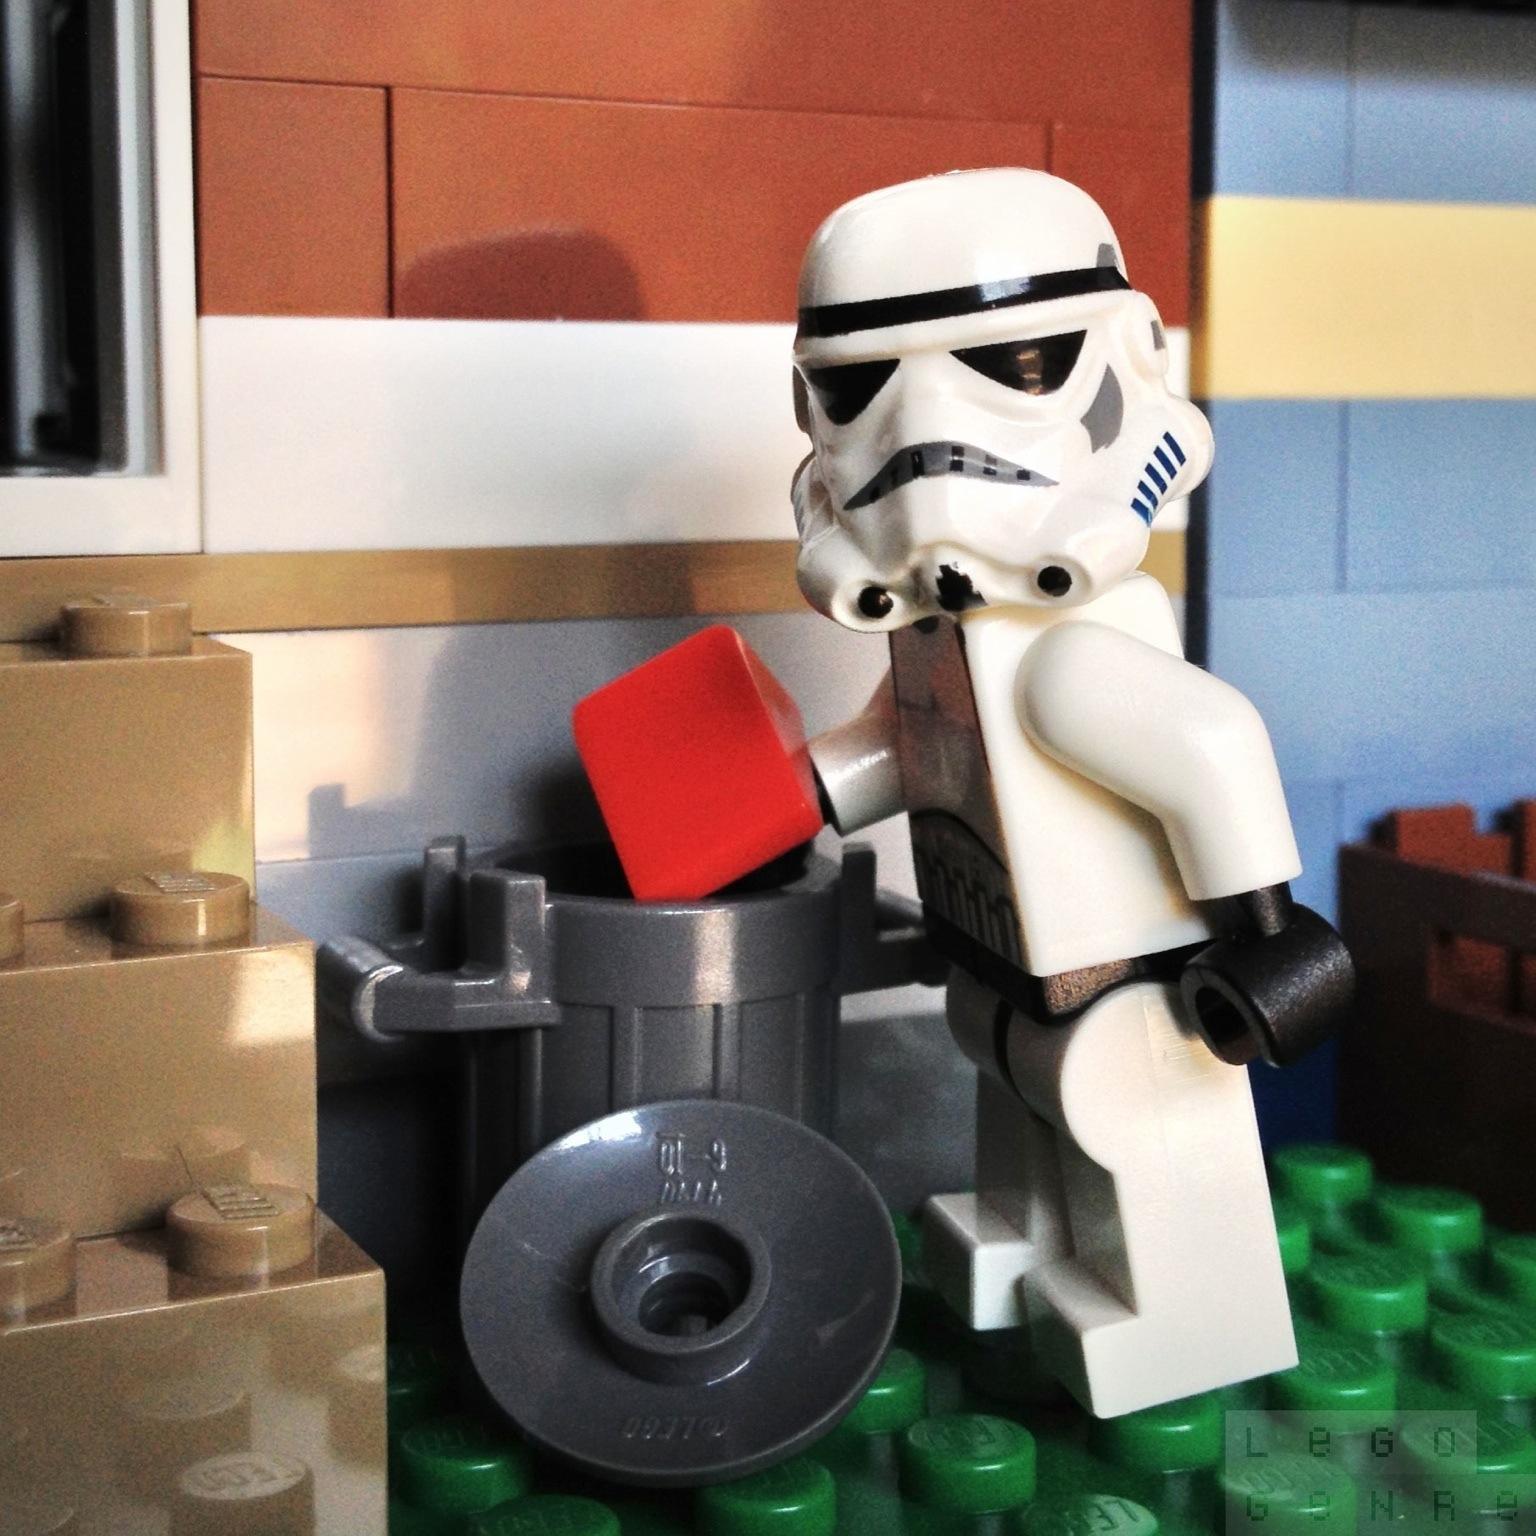 LegoGenre 00240: Stormtrooper Chores